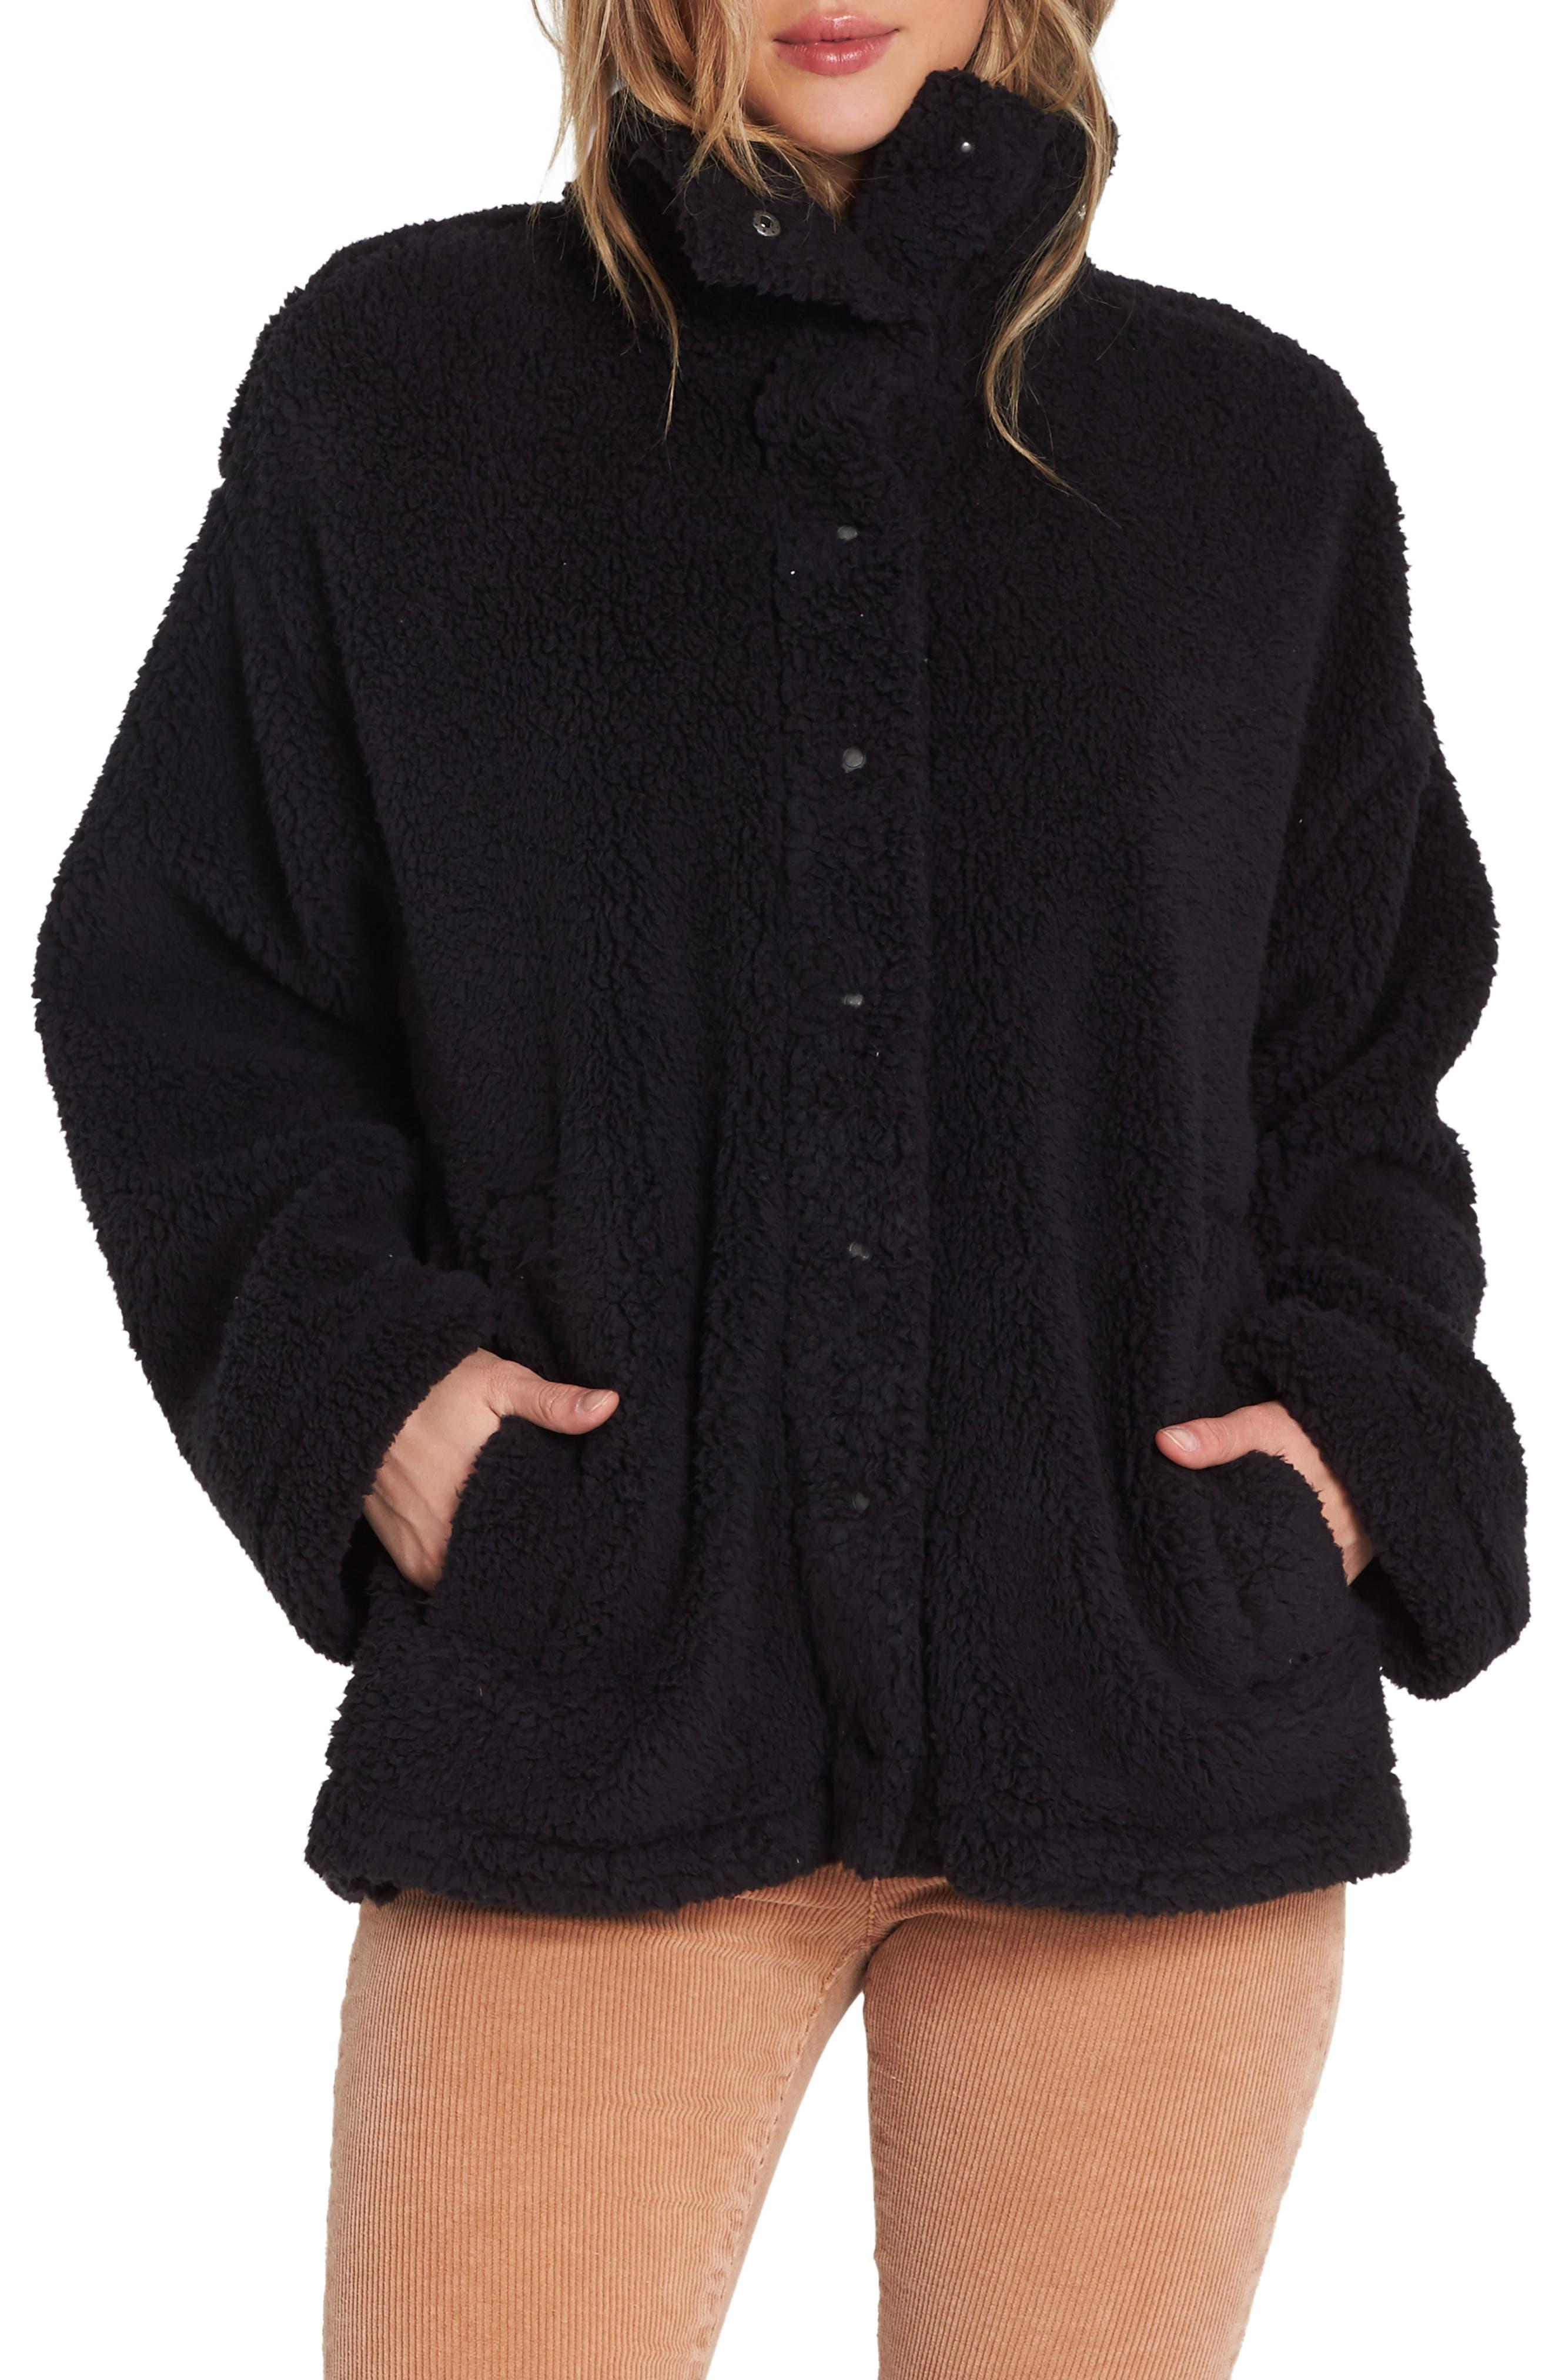 Cozy Days Faux Fur Jacket,                         Main,                         color, BLACK